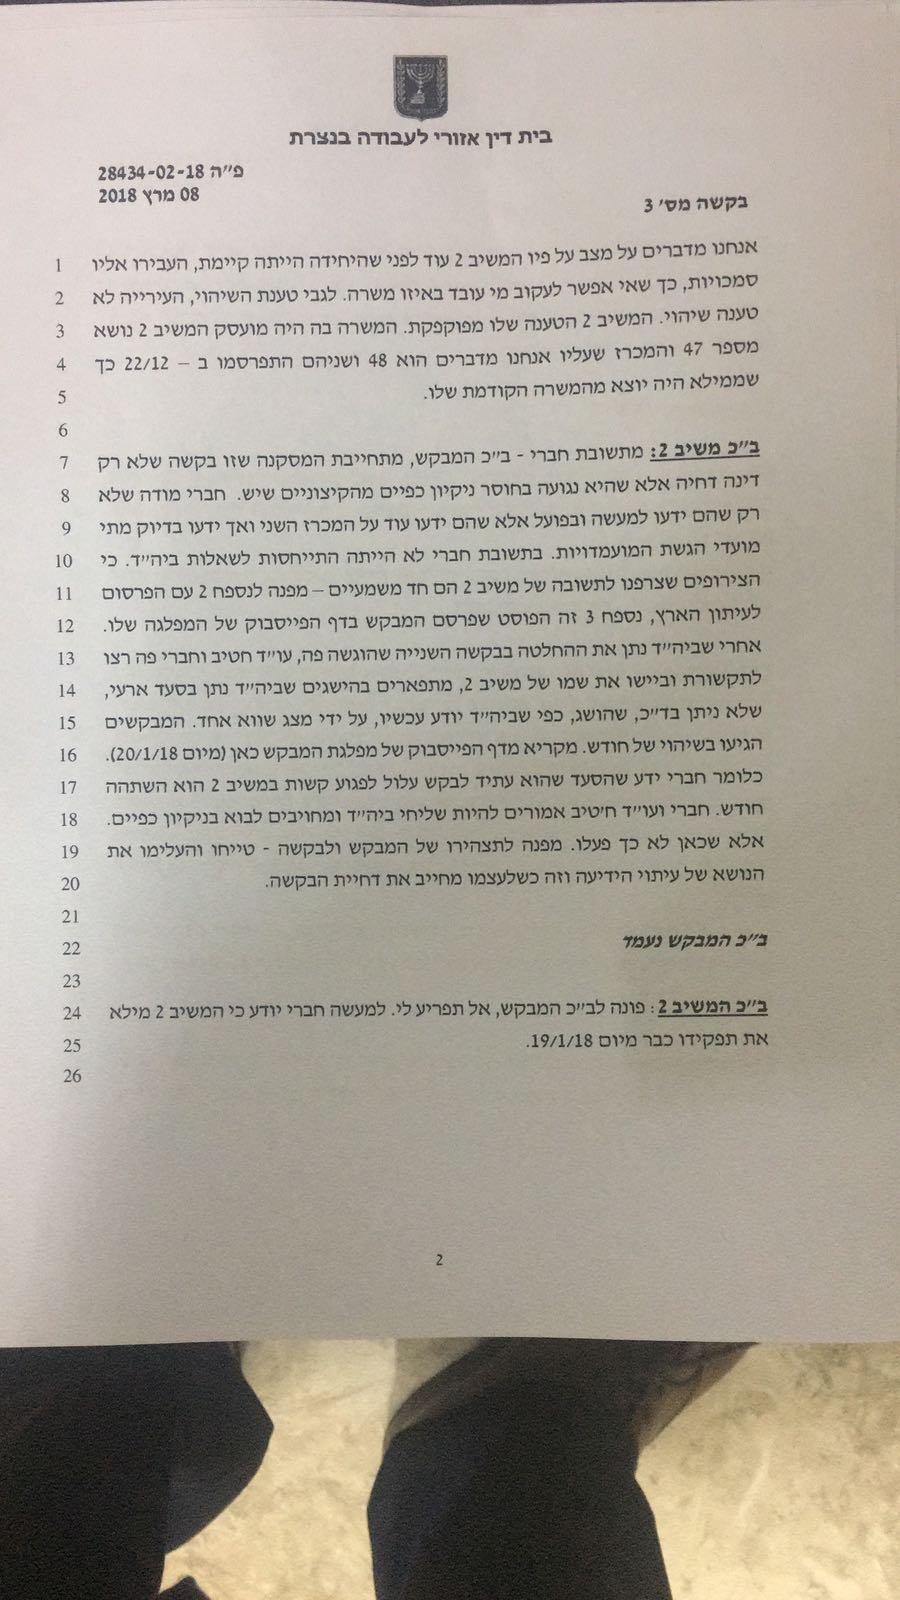 المحكمة تقضي بقانونية تعيين مدير وحده تطبيق القانون في بلدية الناصرة